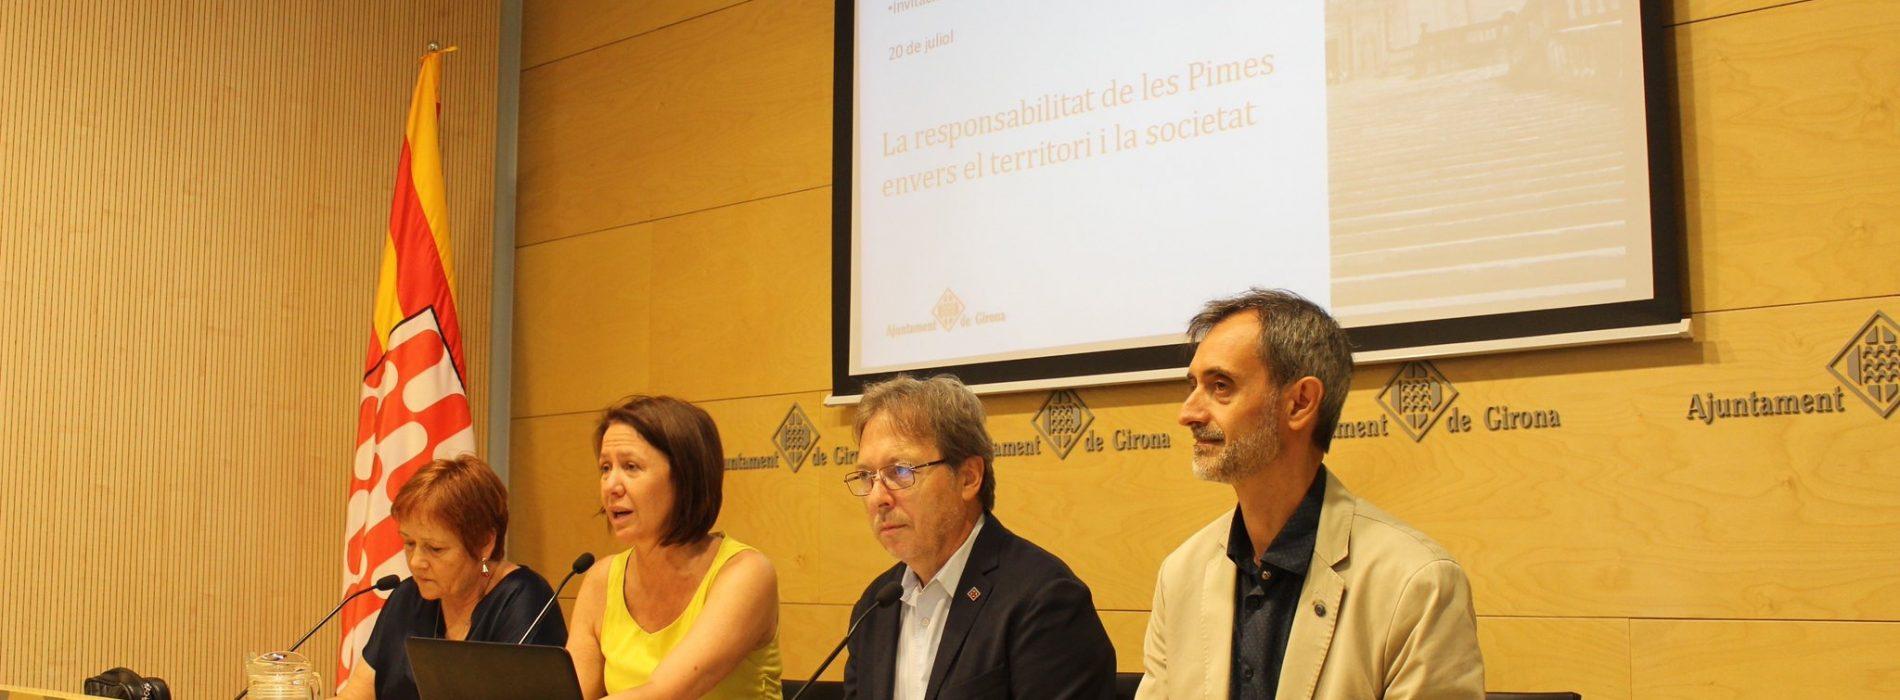 Girona acollirà el lliurament dels Premis Respon.cat